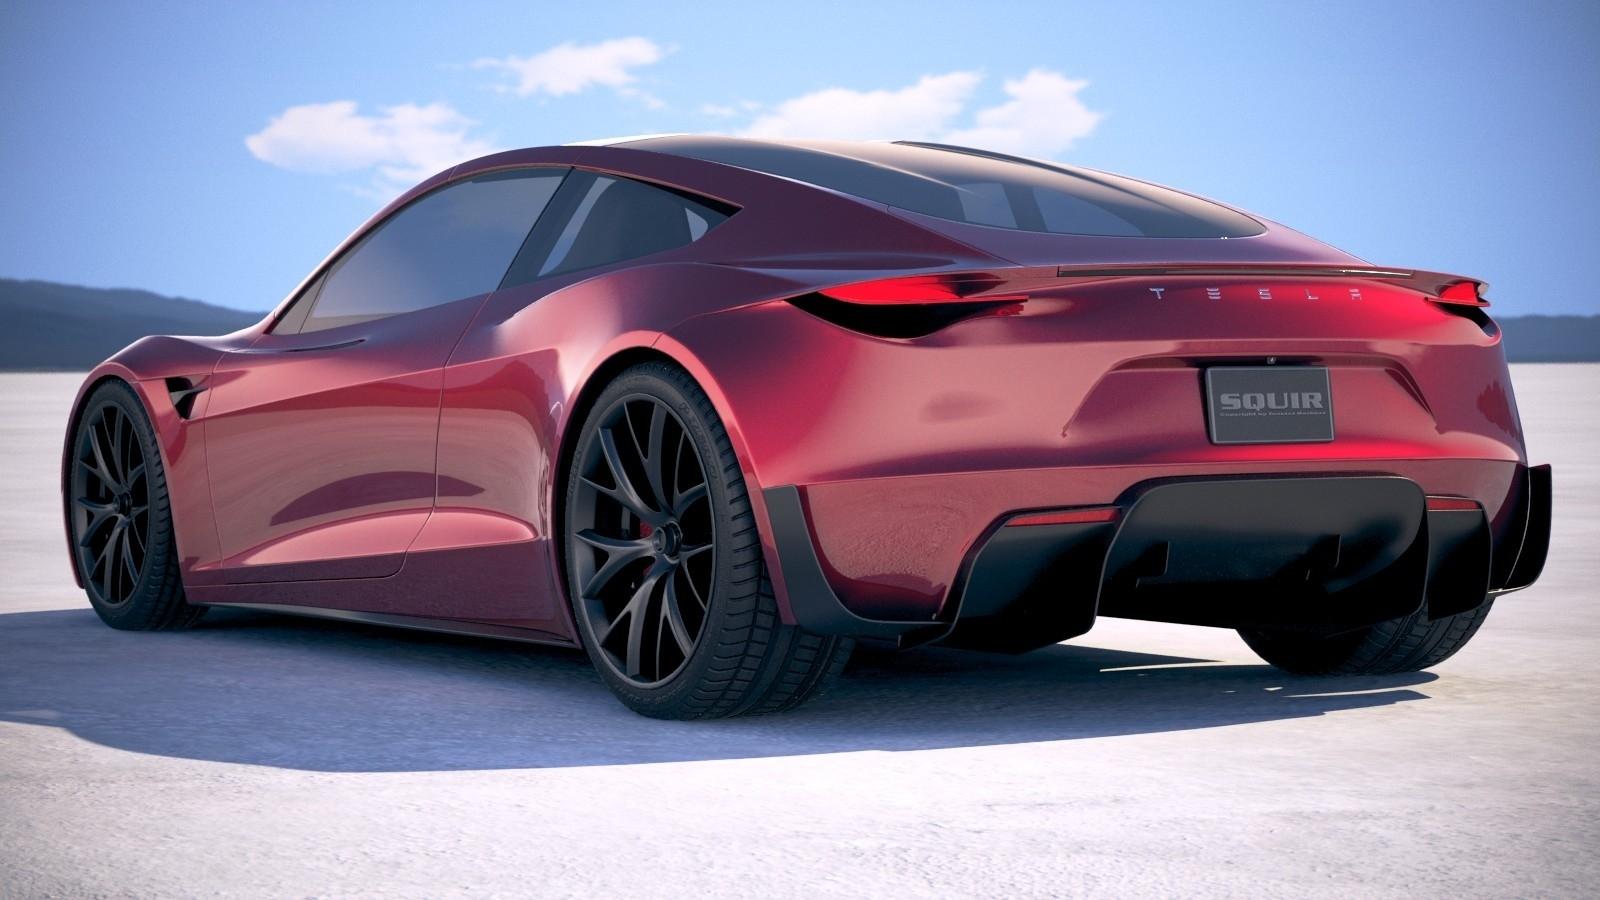 New 2020 Tesla Roadster Design High Resolution Wallpaper Tesla Roadster 2020 Back 1600x900 Wallpaper Teahub Io